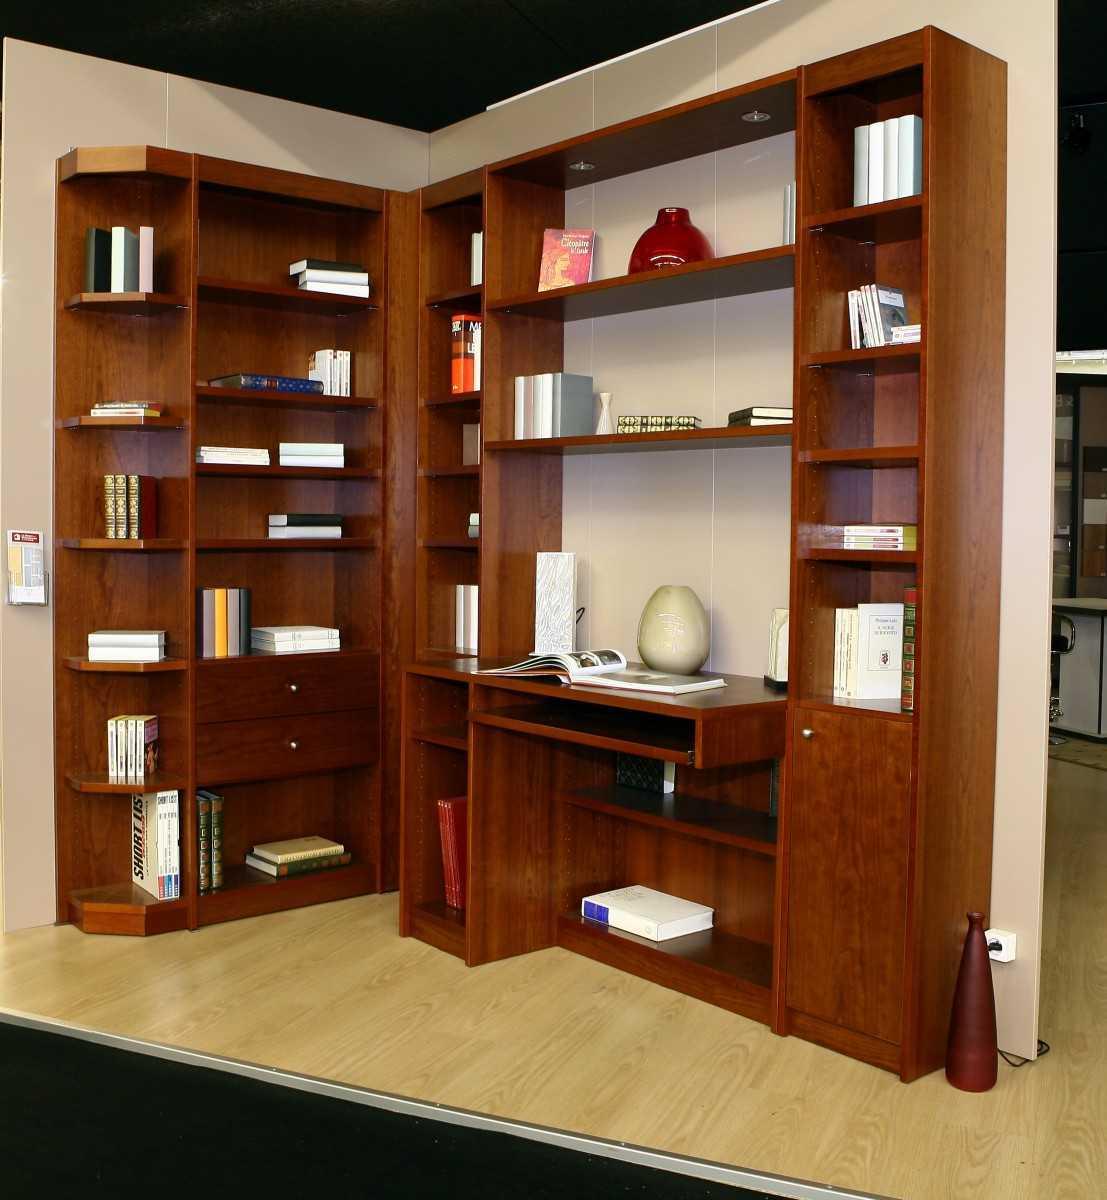 la maison du placard top la maison du placard dressing aux multiples solutions with la maison. Black Bedroom Furniture Sets. Home Design Ideas